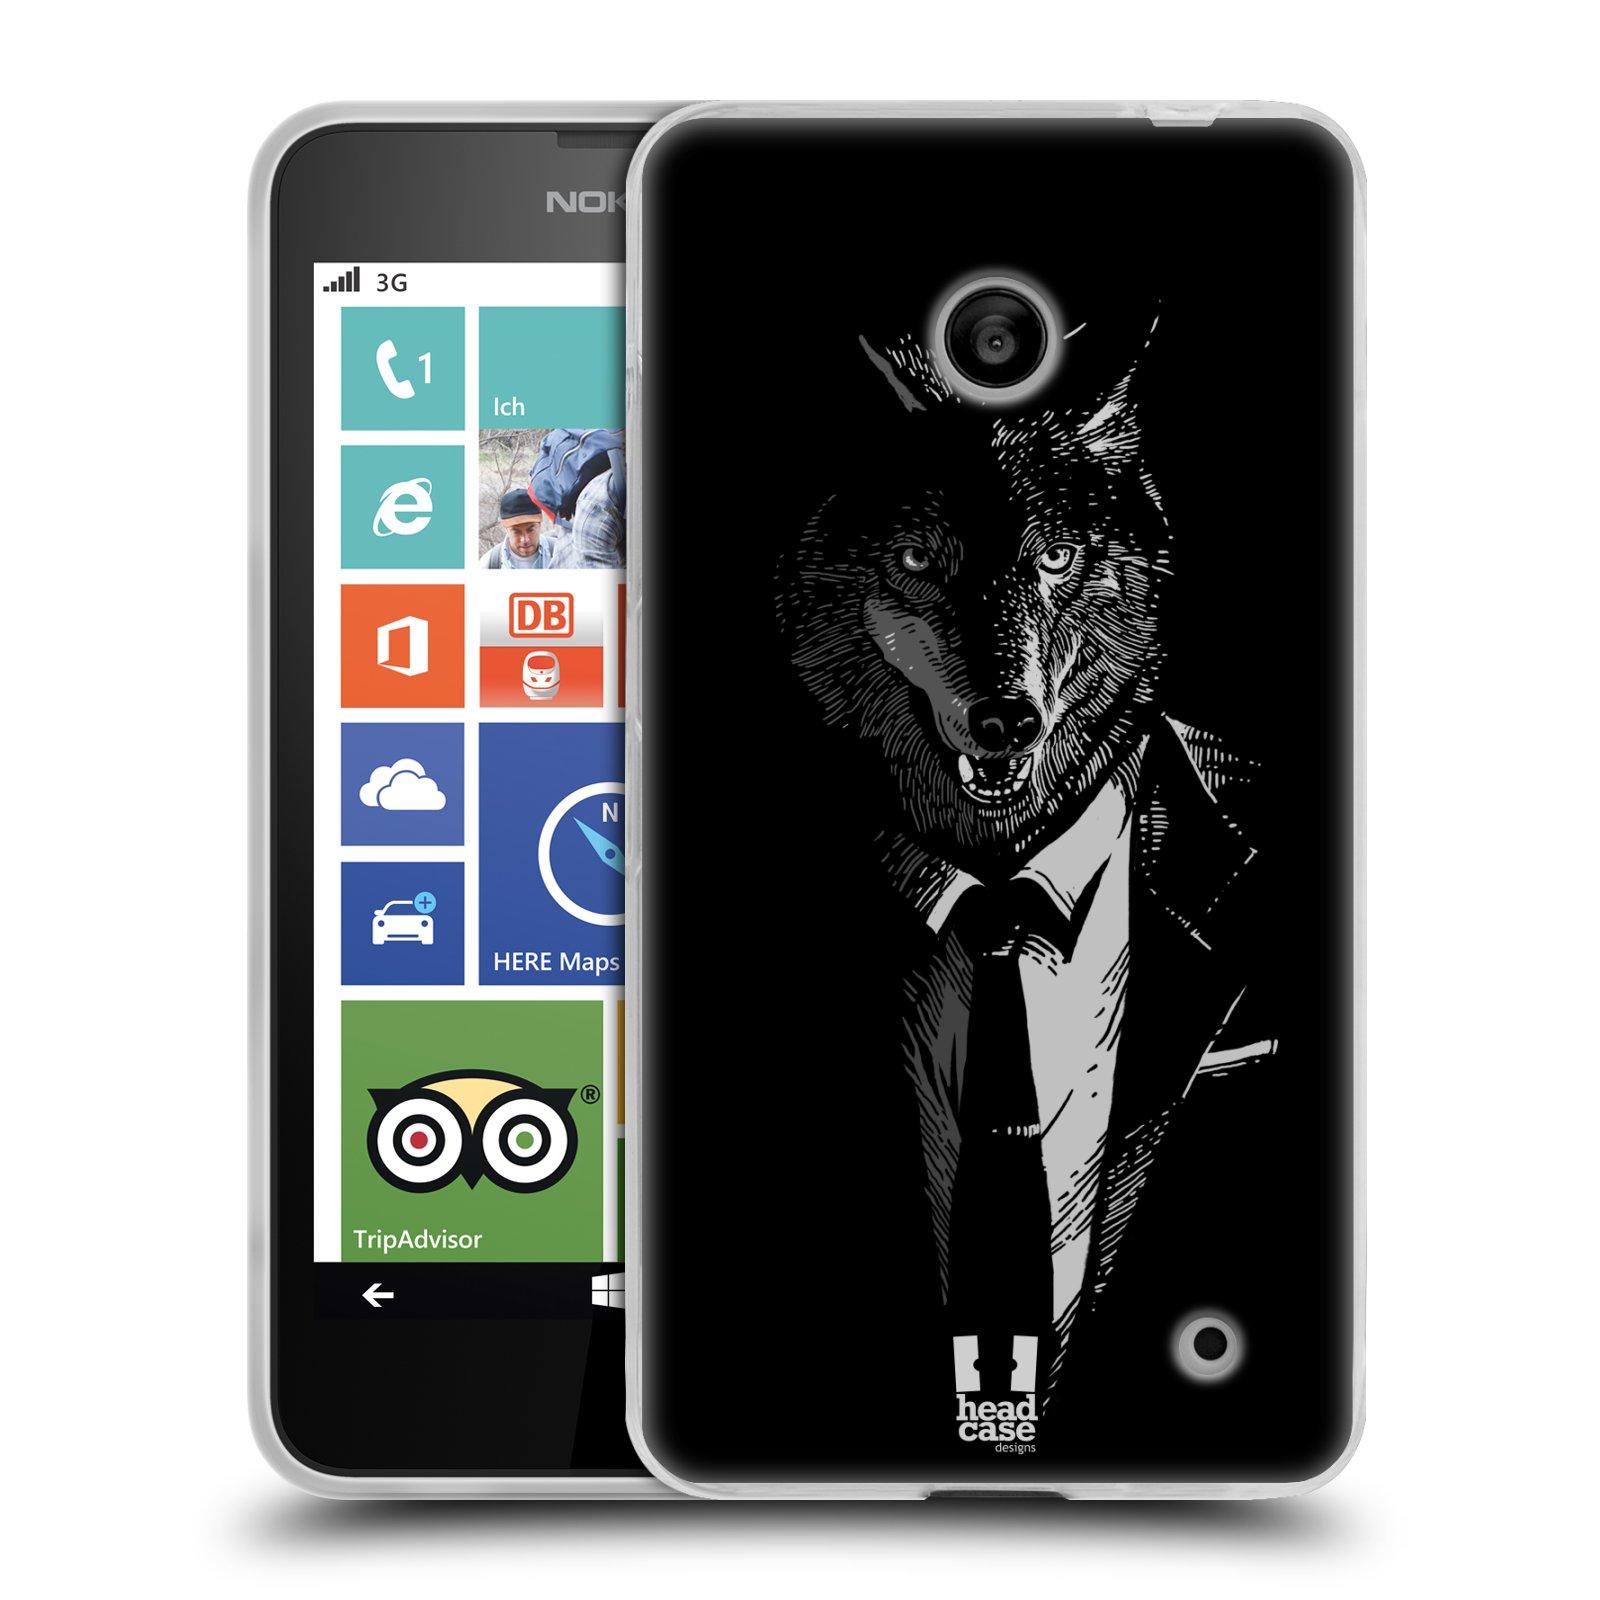 Silikonové pouzdro na mobil Nokia Lumia 635 HEAD CASE VLK V KVÁDRU (Silikonový kryt či obal na mobilní telefon Nokia Lumia 635 Dual SIM)